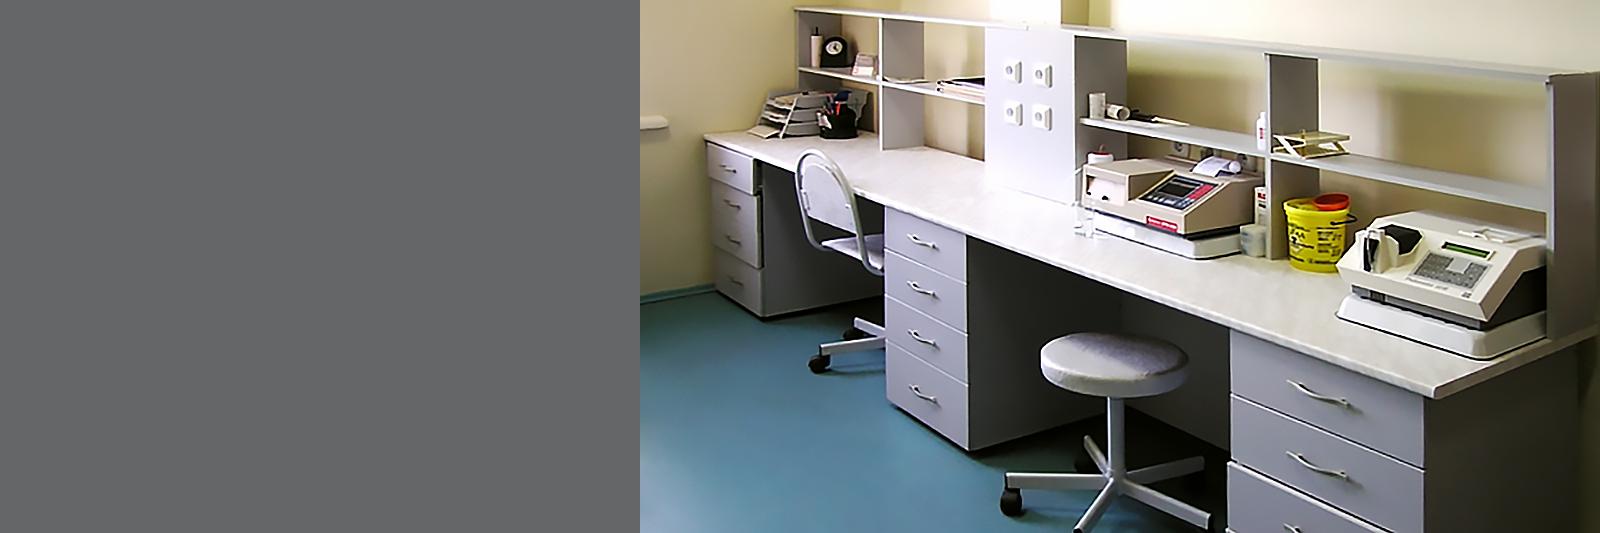 Мебель в лабораторию клиники под размер